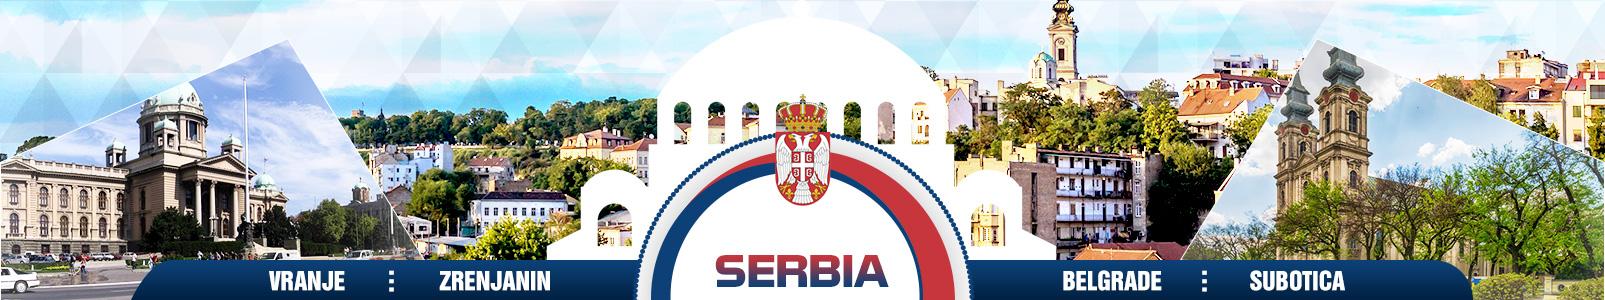 بنر صربستان-بهروزسیر